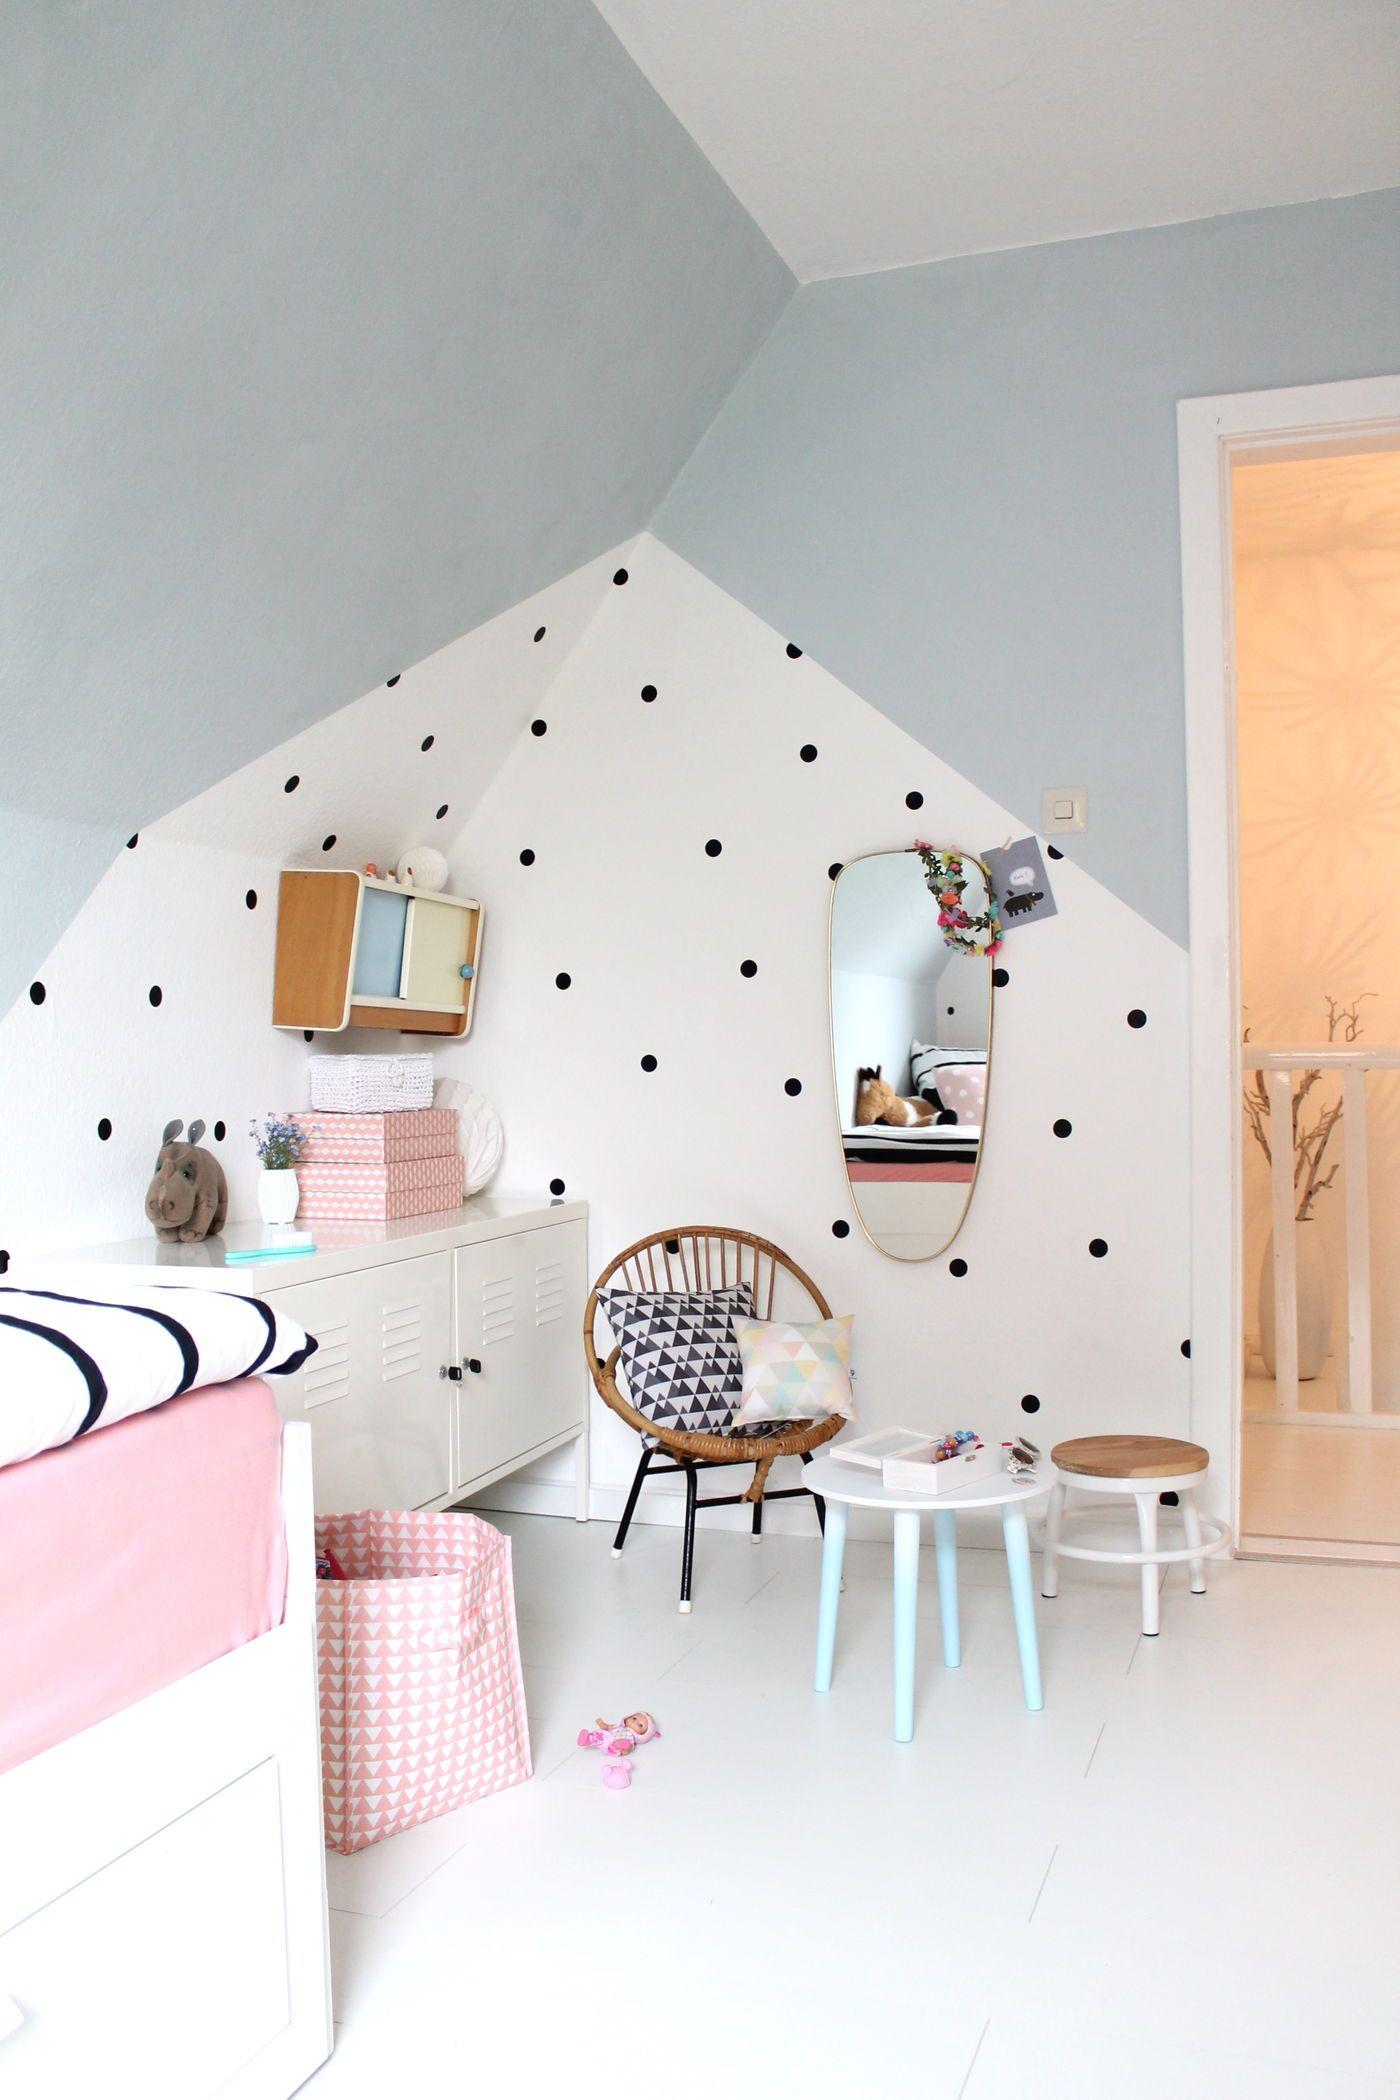 Full Size of Schnsten Ideen Fr Dein Kinderzimmer Sofa Regal Regale Weiß Kinderzimmer Einrichtung Kinderzimmer